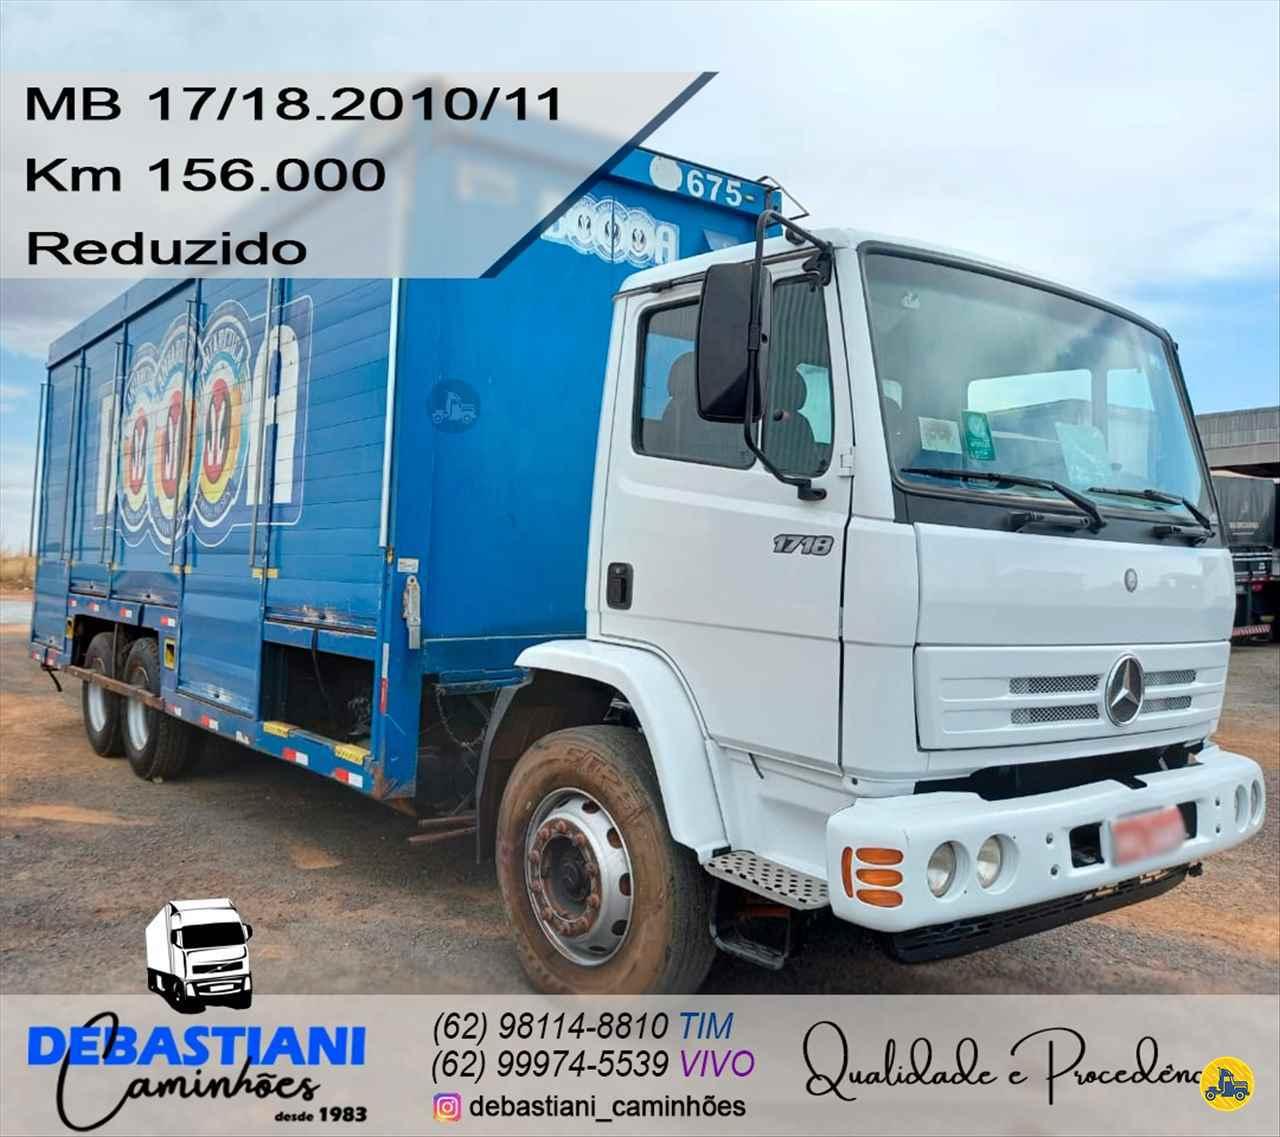 CAMINHAO MERCEDES-BENZ MB 1718 Baú Bebidas Truck 6x2 Debastiani Caminhões ANAPOLIS GOIAS GO